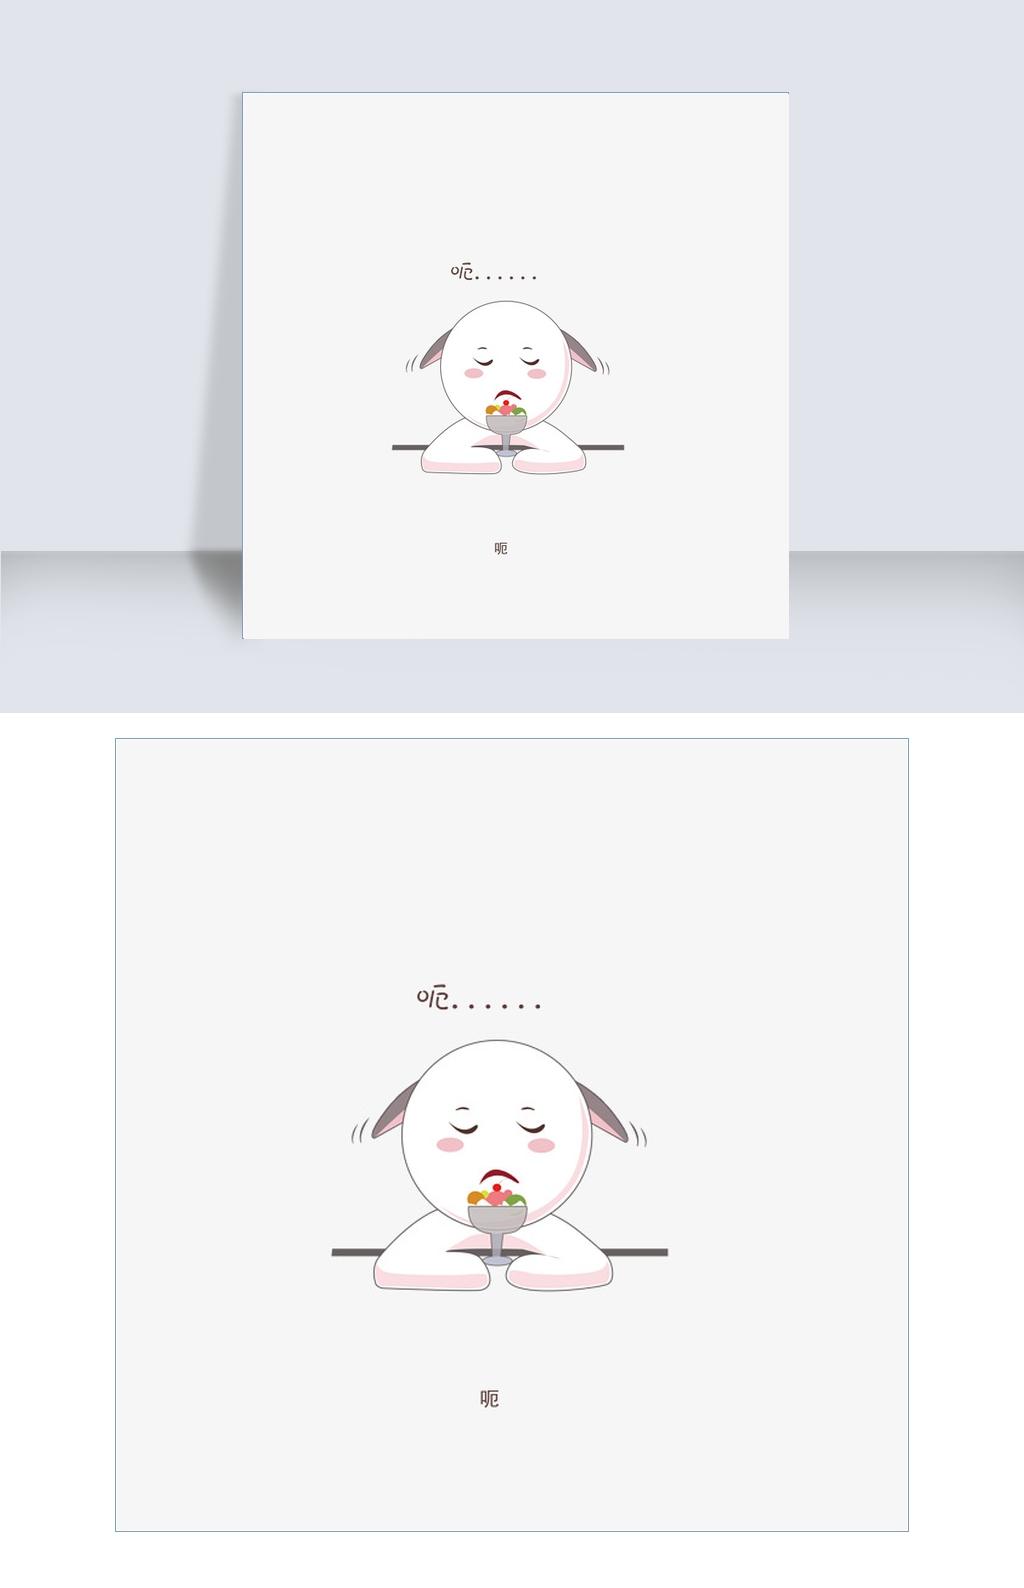 呃手绘兔子卡通可爱表情人表情包穷丑还的图片